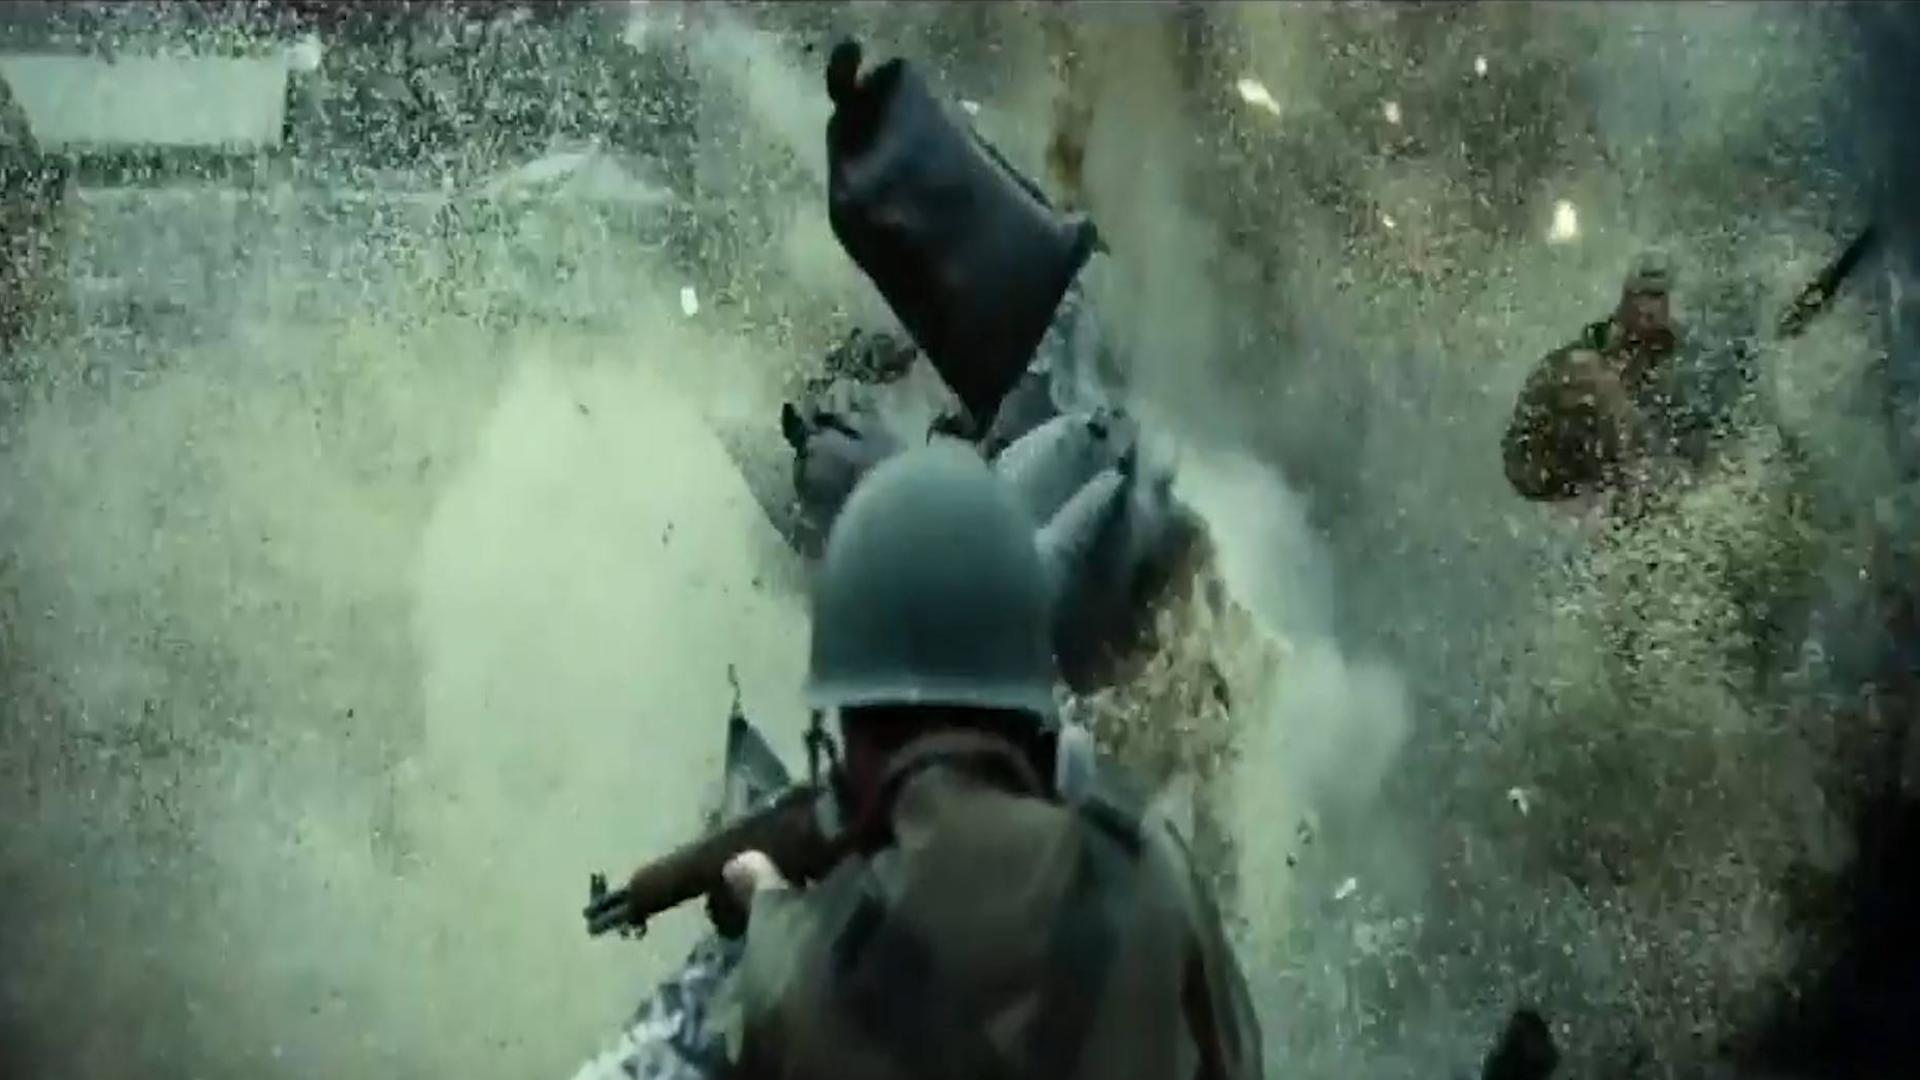 【影视剪辑】惨烈战争,真实强悍,残酷激烈、场面震撼,不逊于好莱坞!